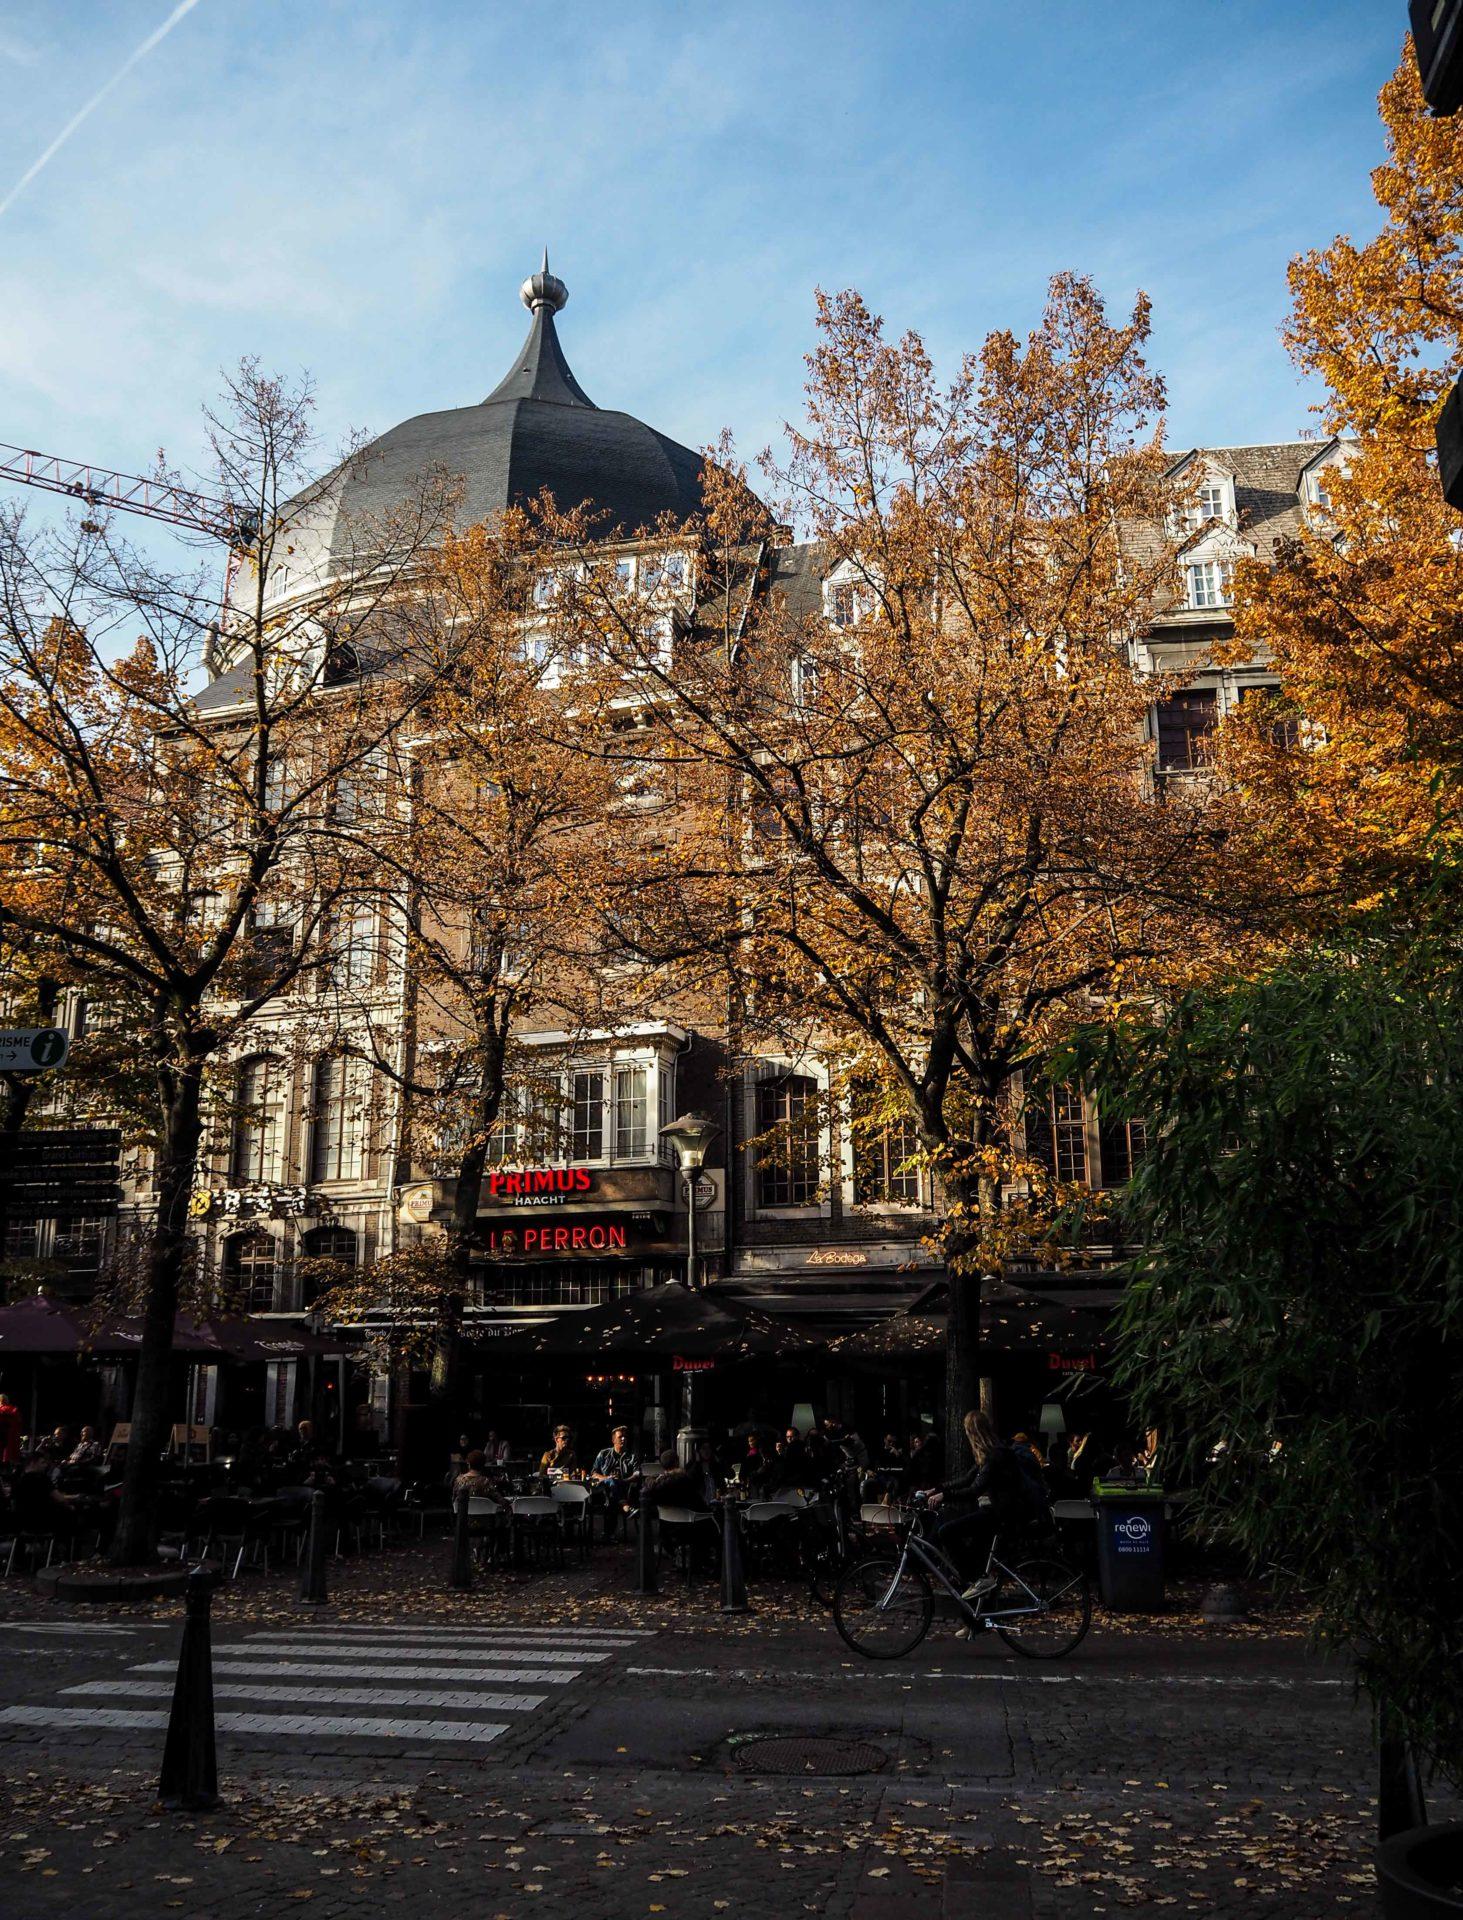 Visiter Liège en Belgique en mode slow - Que faire et que visiter à Liège? - Adresses slow et gourmandes à Liège - Informations pratiques pour visiter Liège et en tomber amoureuse en quelques instants!